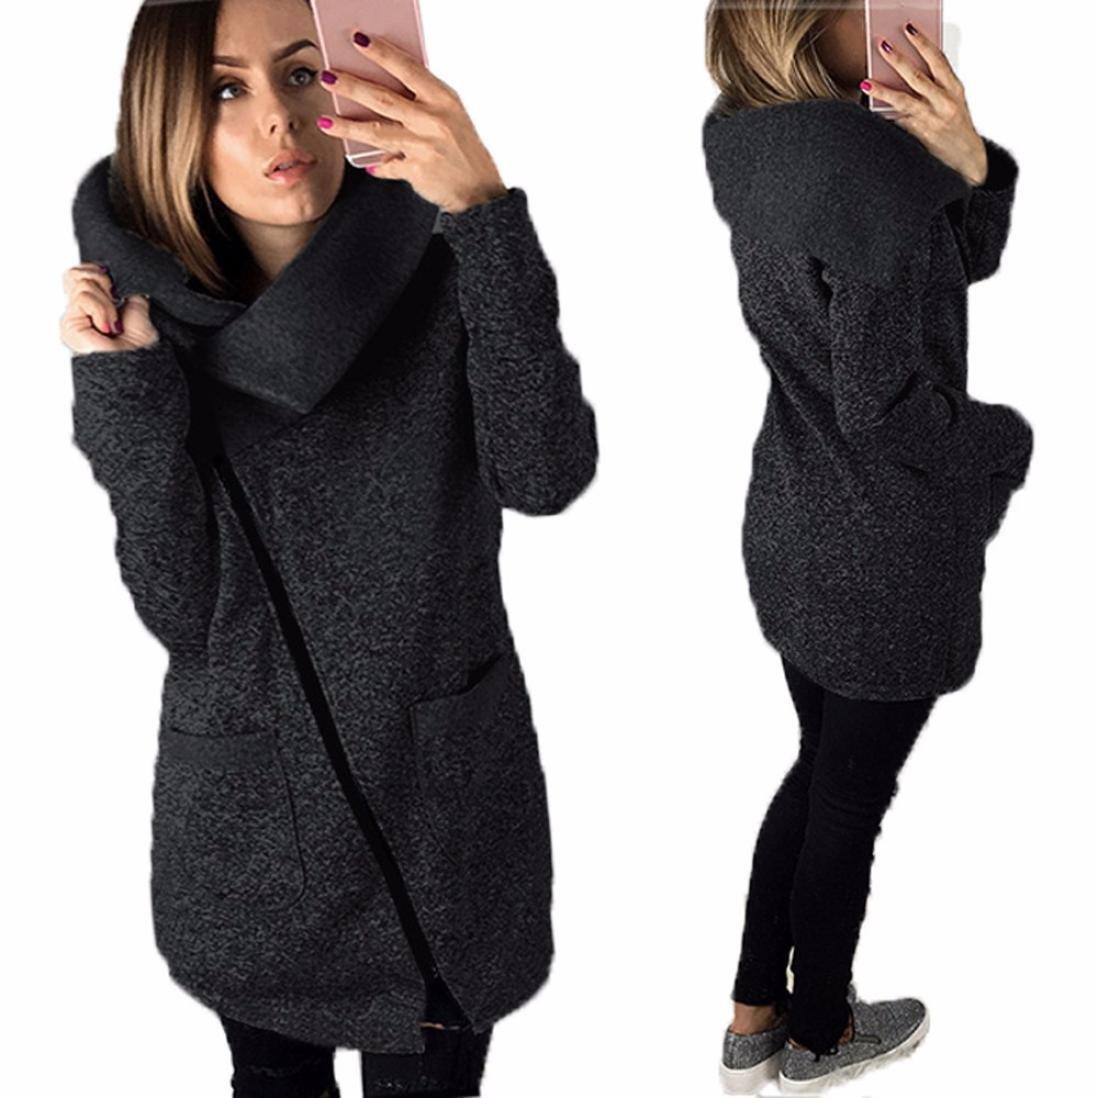 Internet Abrigo de Chaqueta Casual de Mujer Sudadera con Cremallera Larga Outwear Tops: Amazon.es: Ropa y accesorios